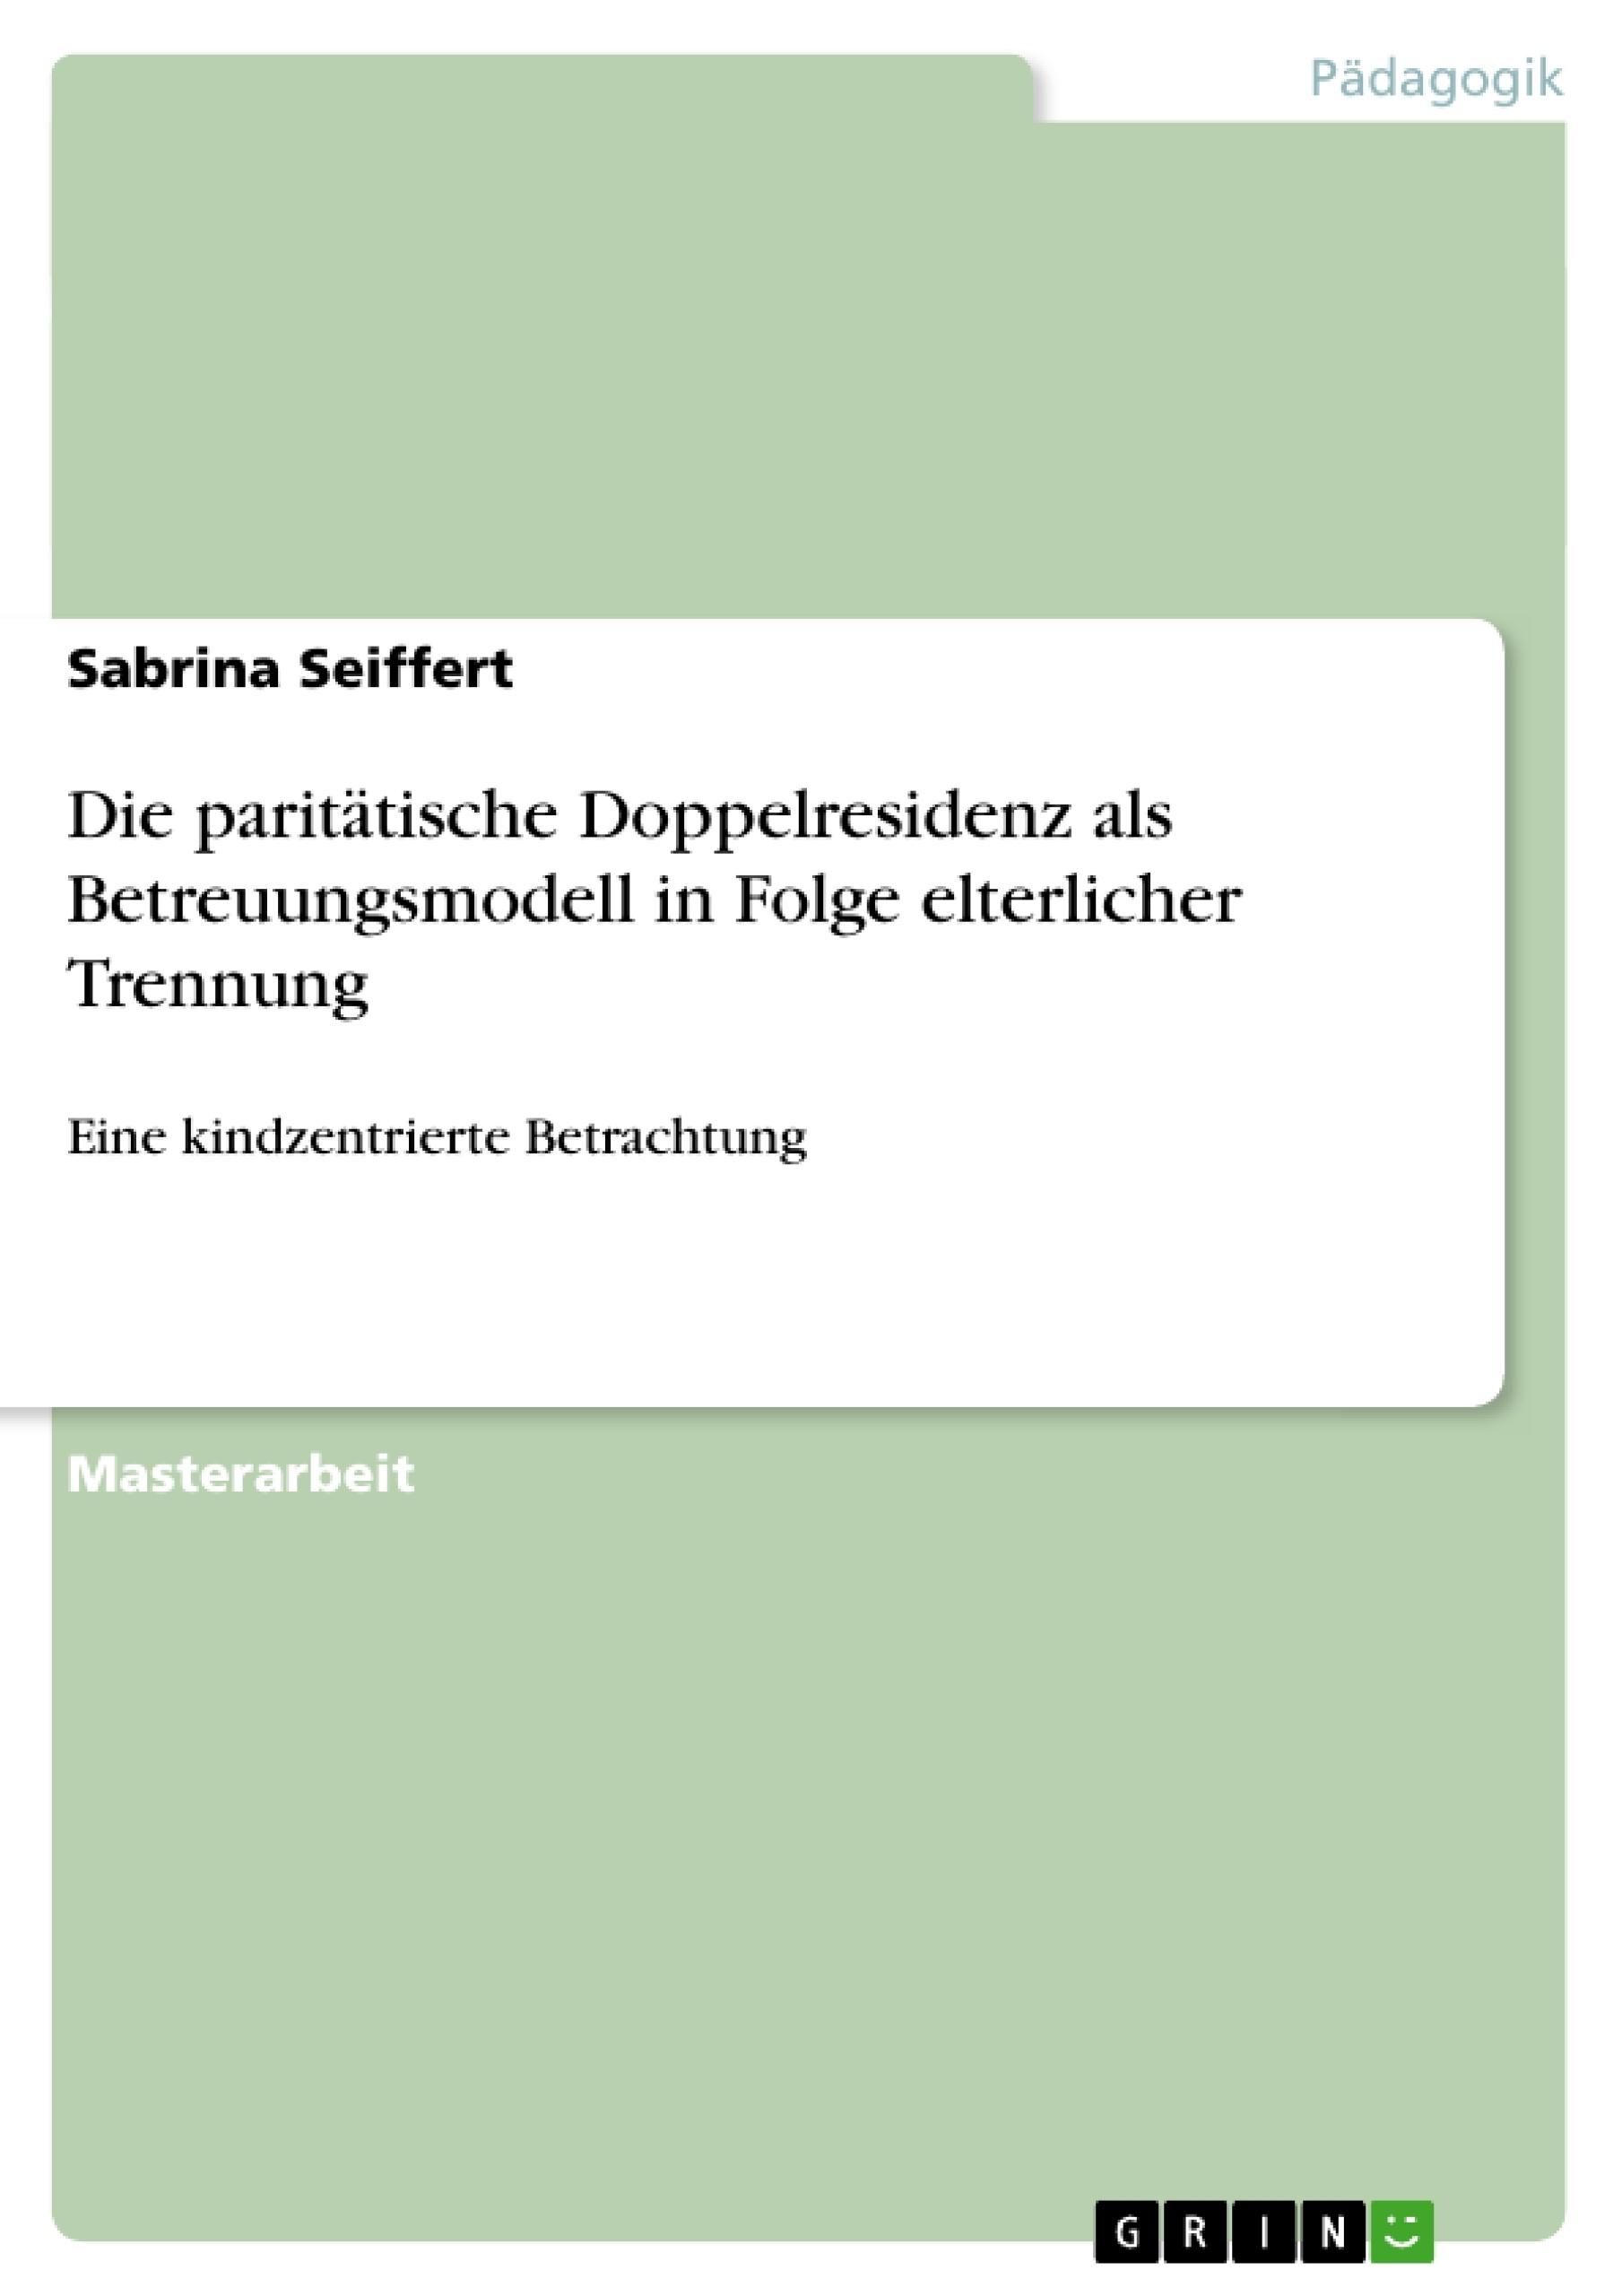 Titel: Die paritätische Doppelresidenz als Betreuungsmodell in Folge elterlicher Trennung